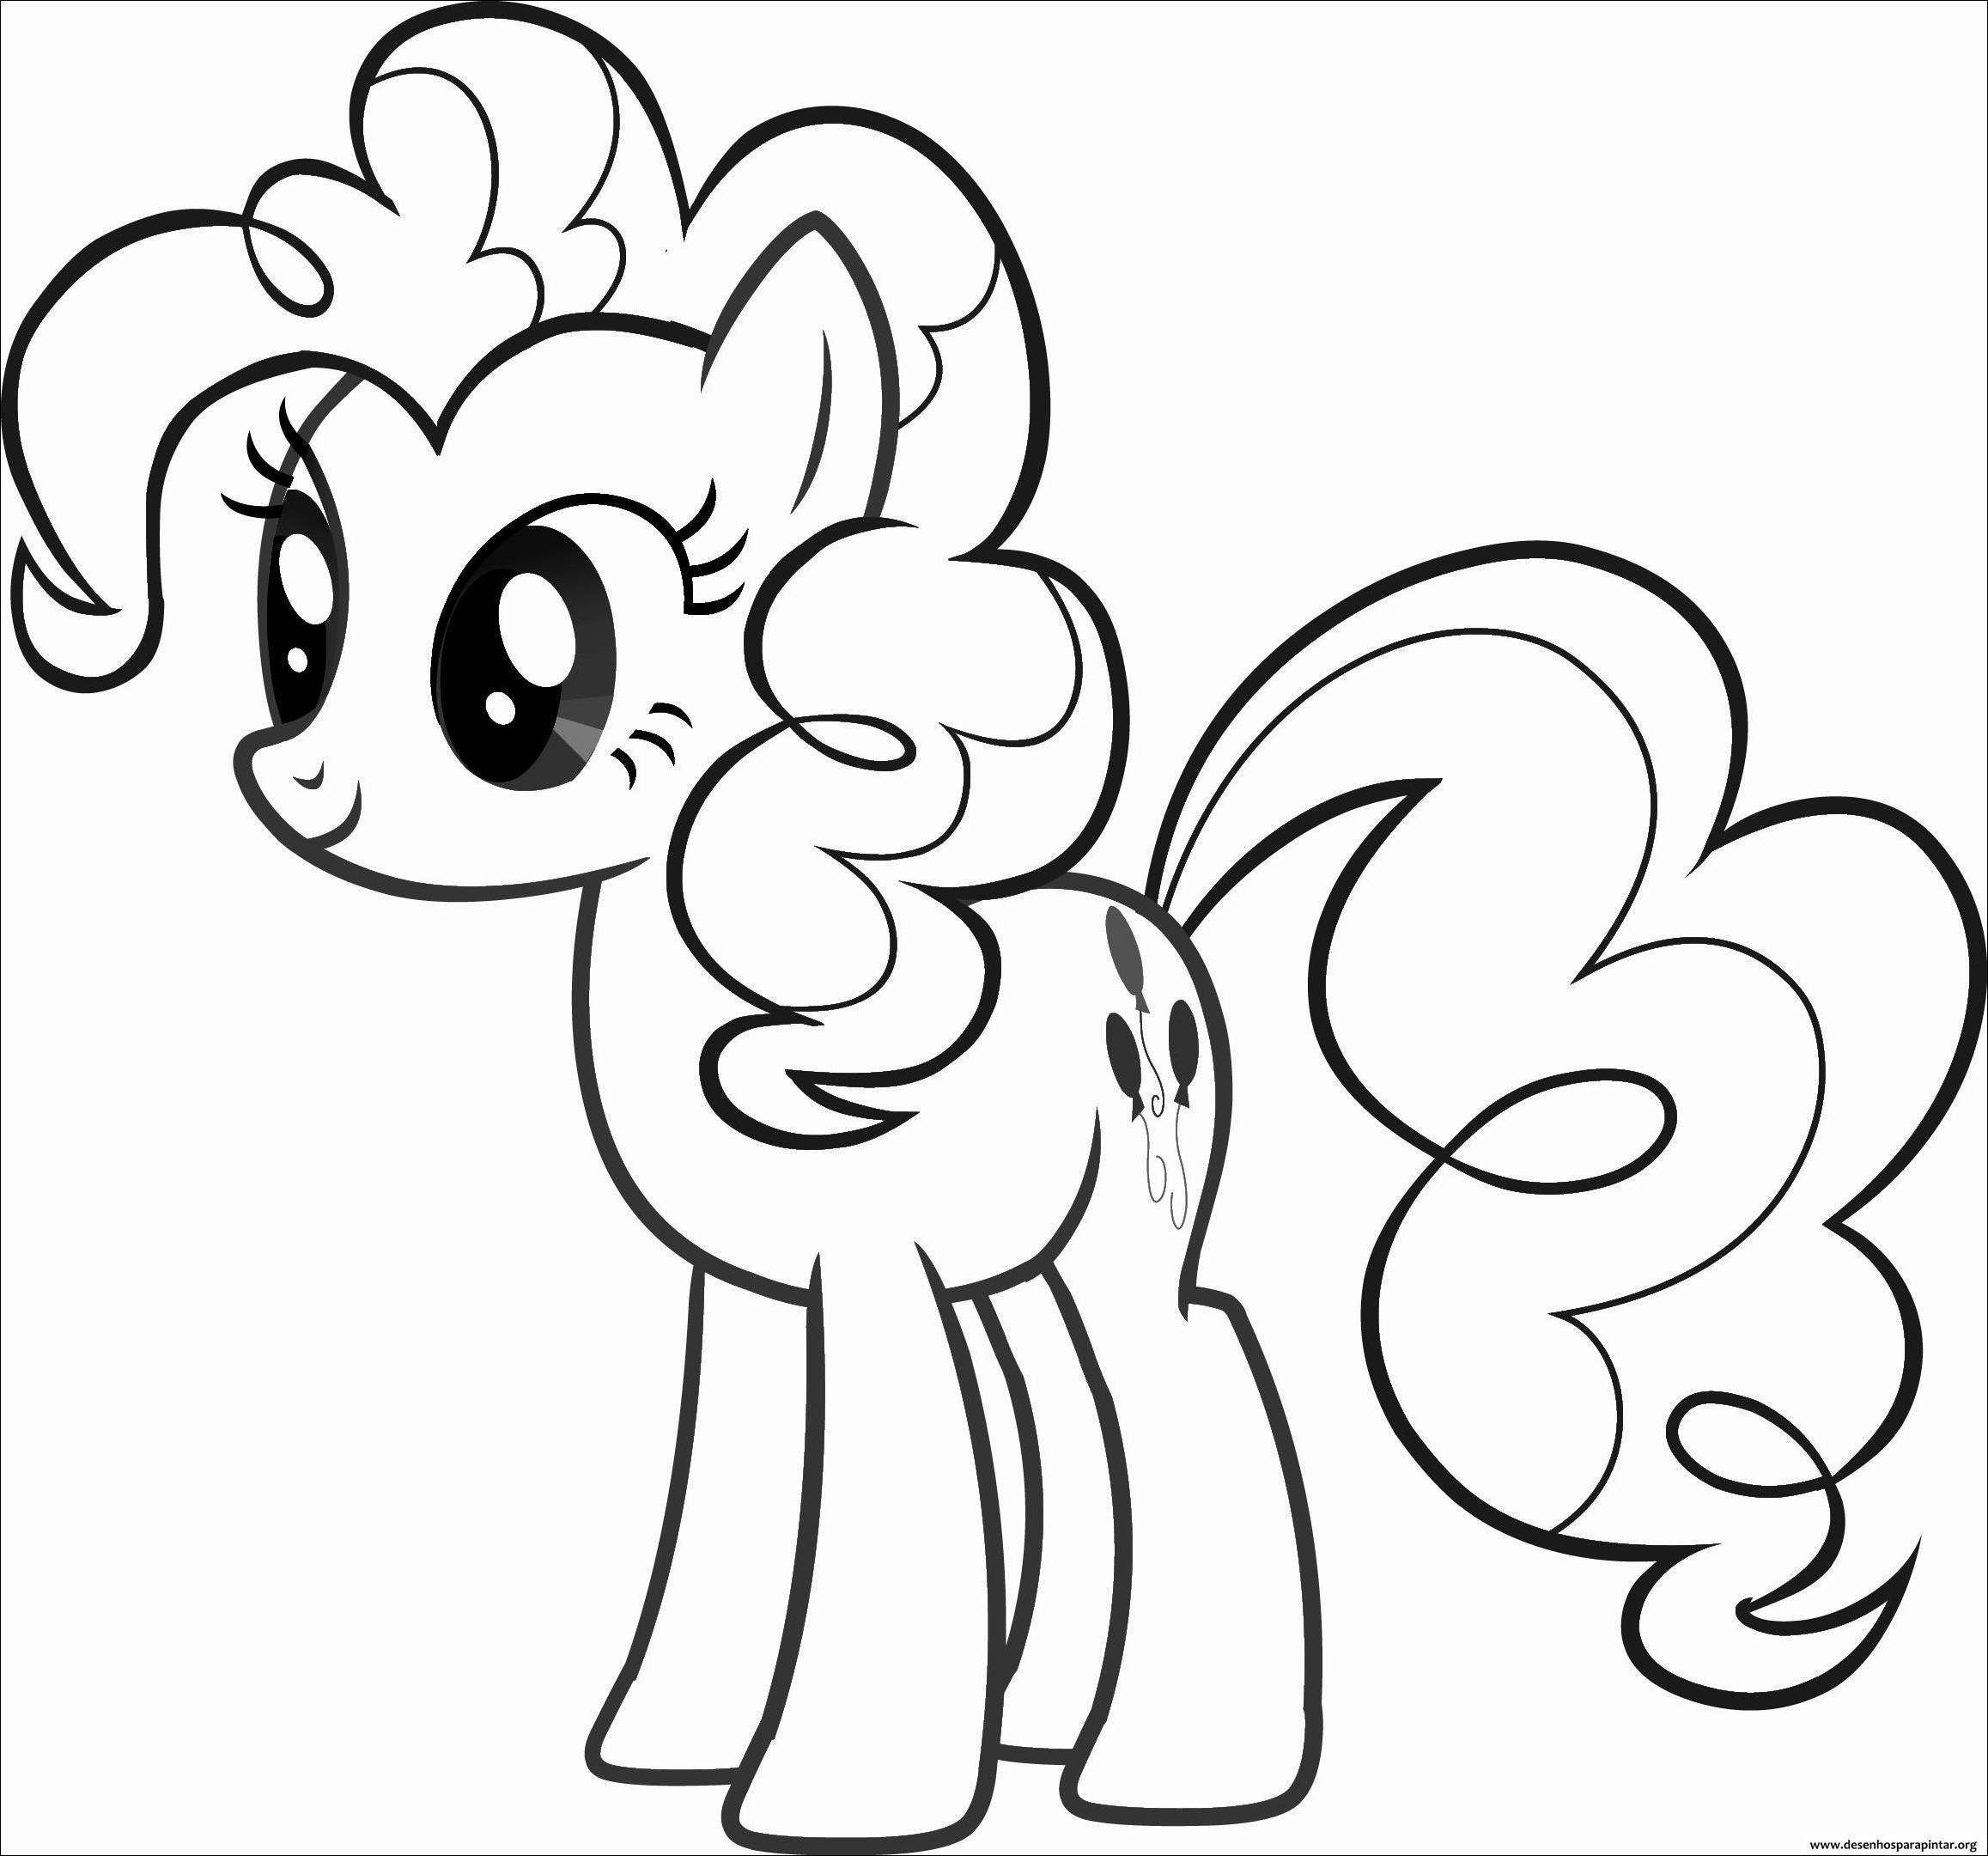 Amado My Little Pony Desenhos para imprimir colorir e pintar – Desenhos  BN57